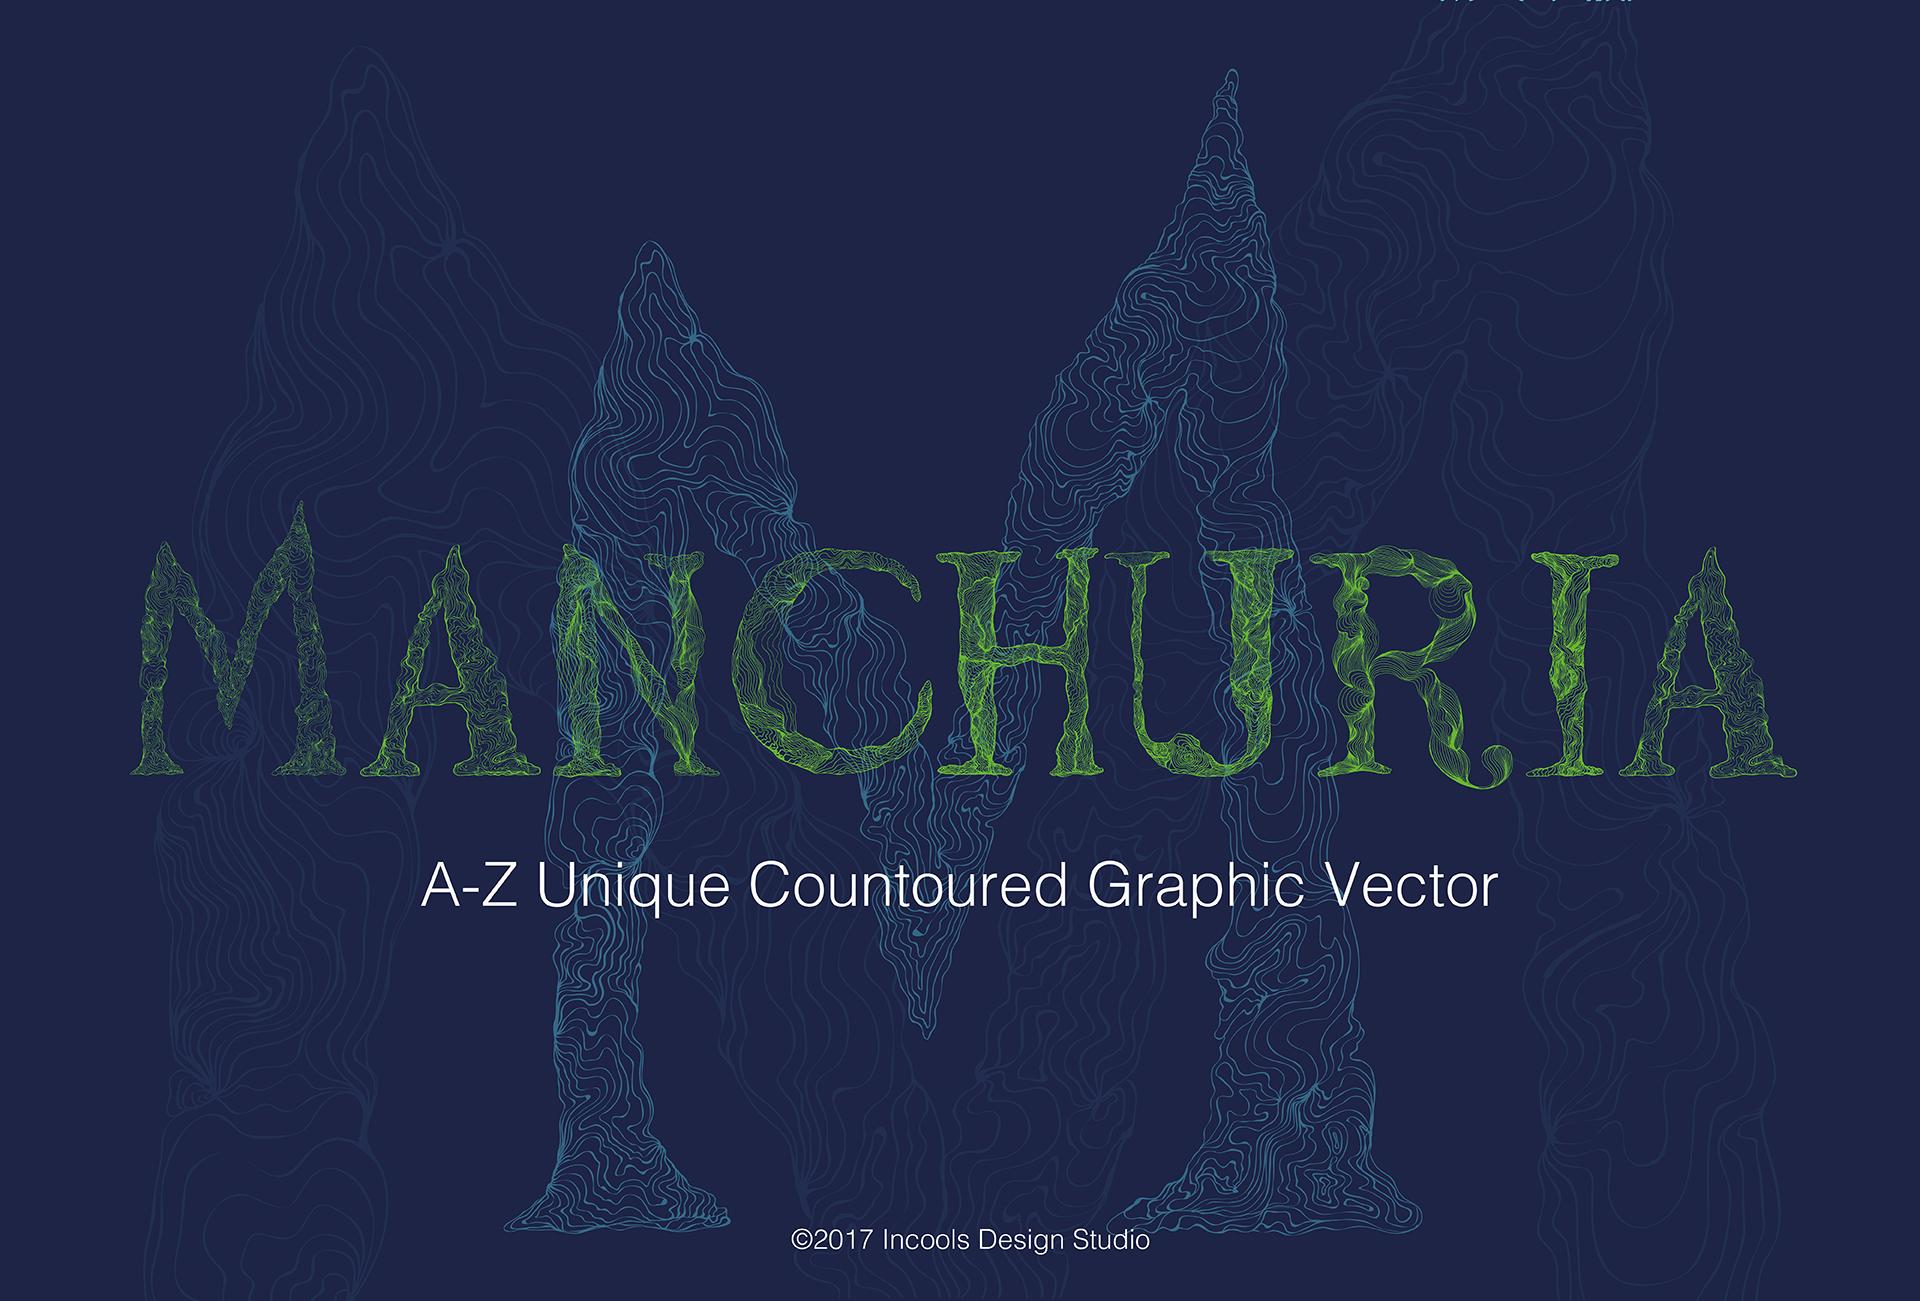 Manchuria, A-Z Unique Graphic Letter example image 8